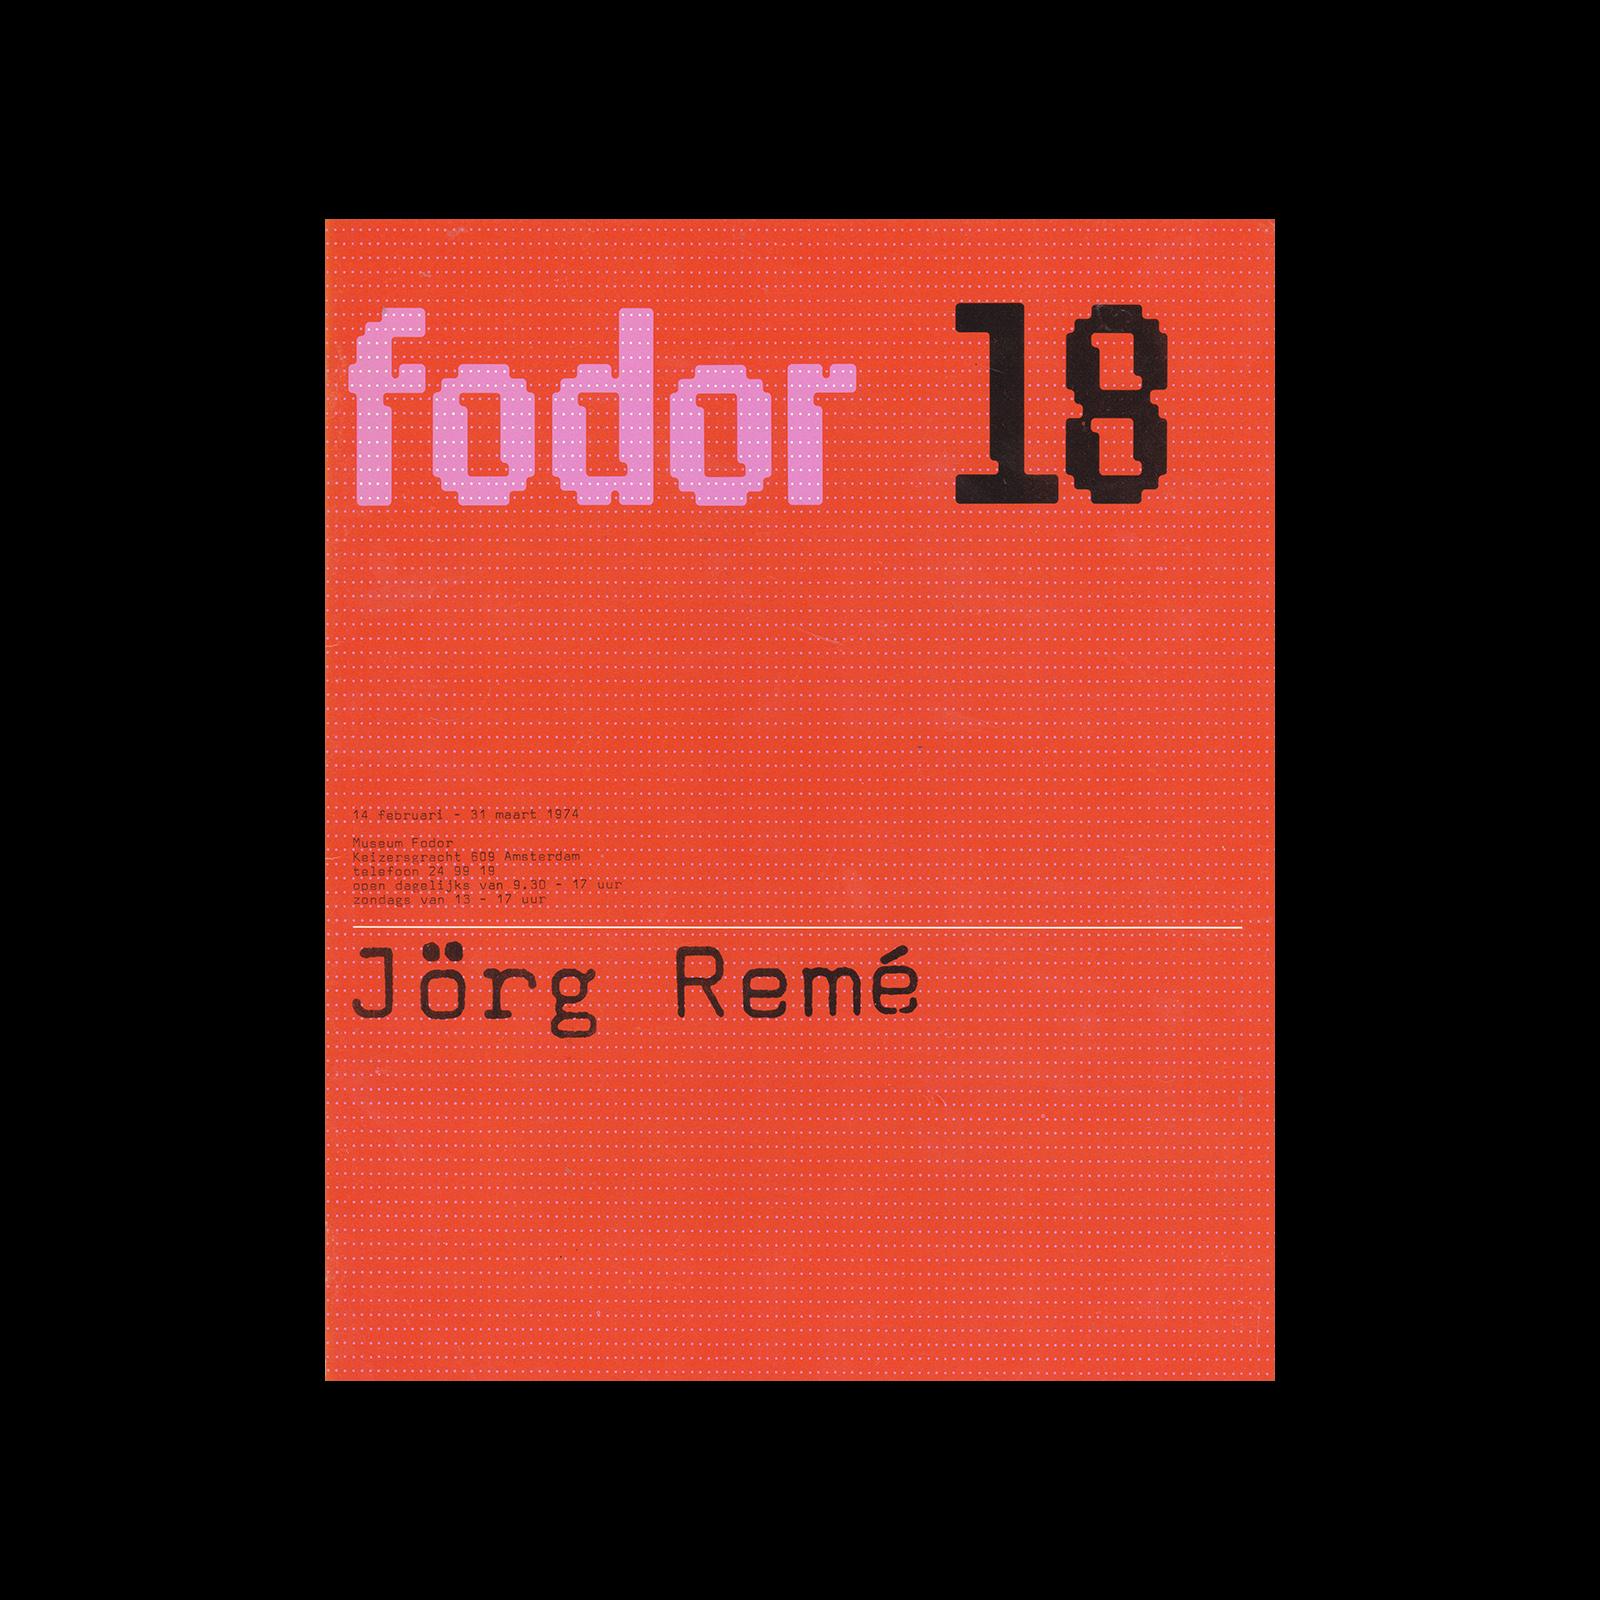 Fodor 18, 1974 - Jörg Remé. Designed by Wim Crouwel and Daphne Duijvelshoff (Total Design)